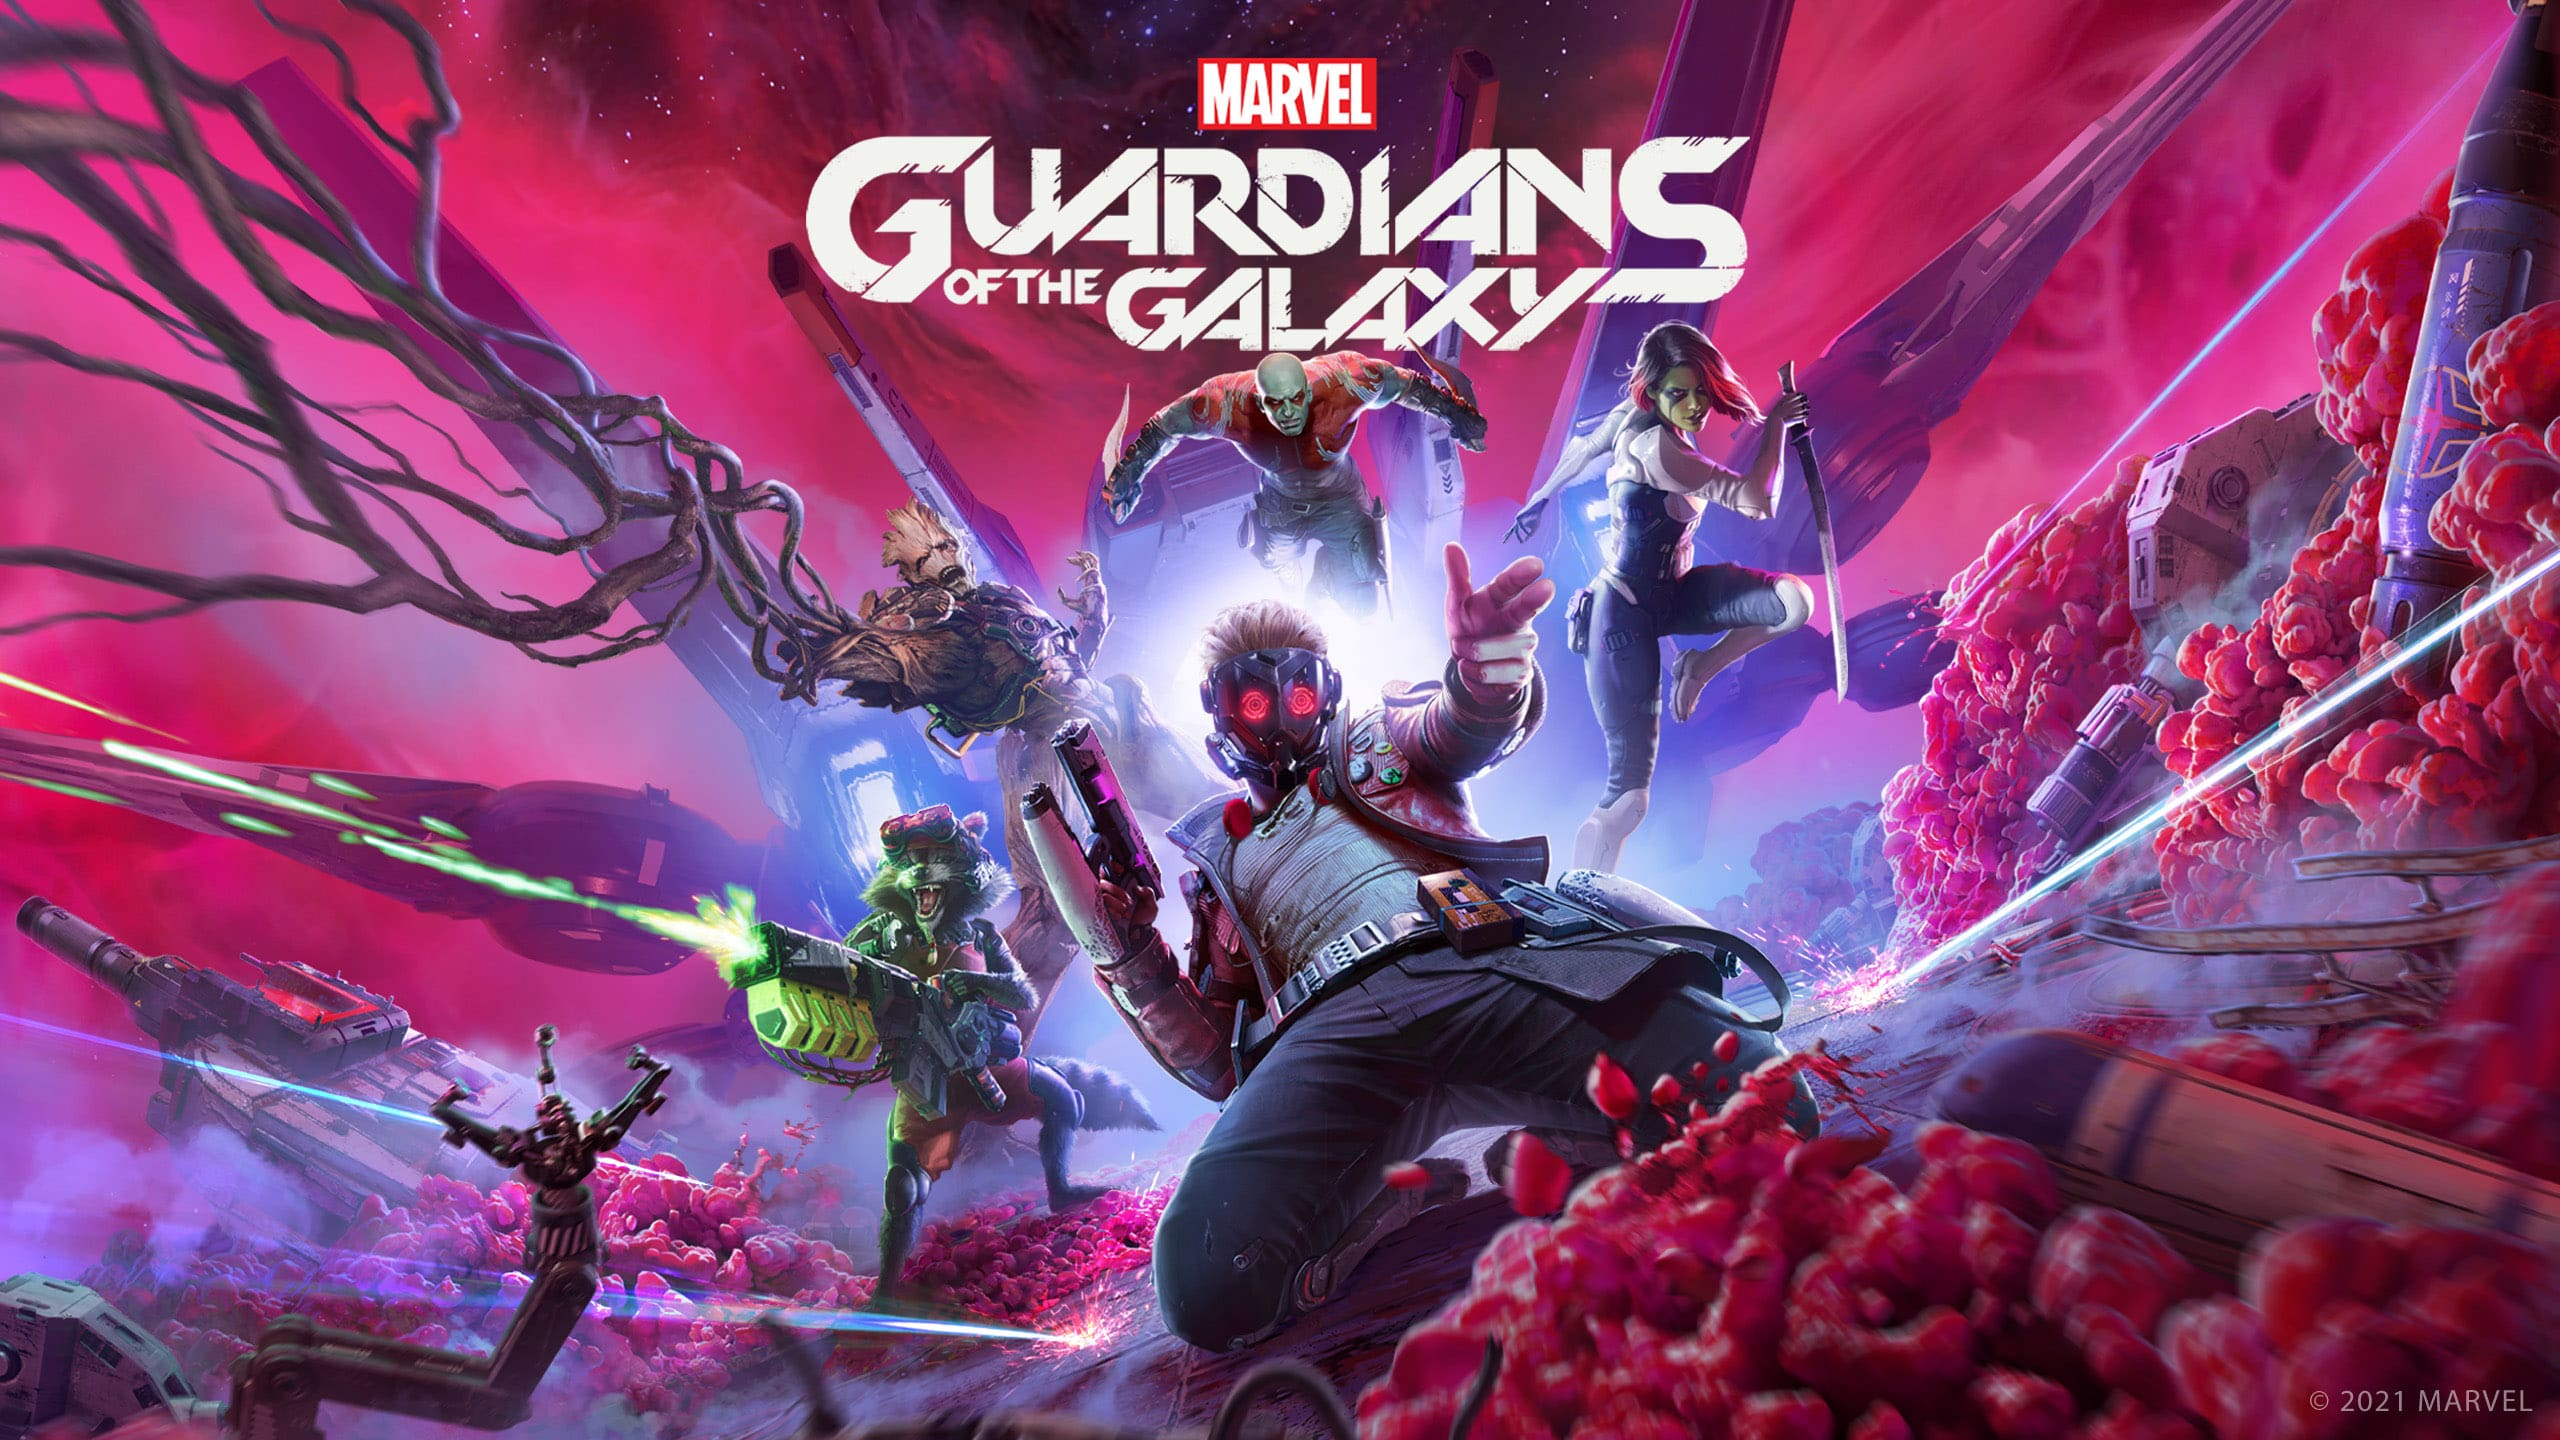 Veredito de Marvel's Guardians of the Galaxy